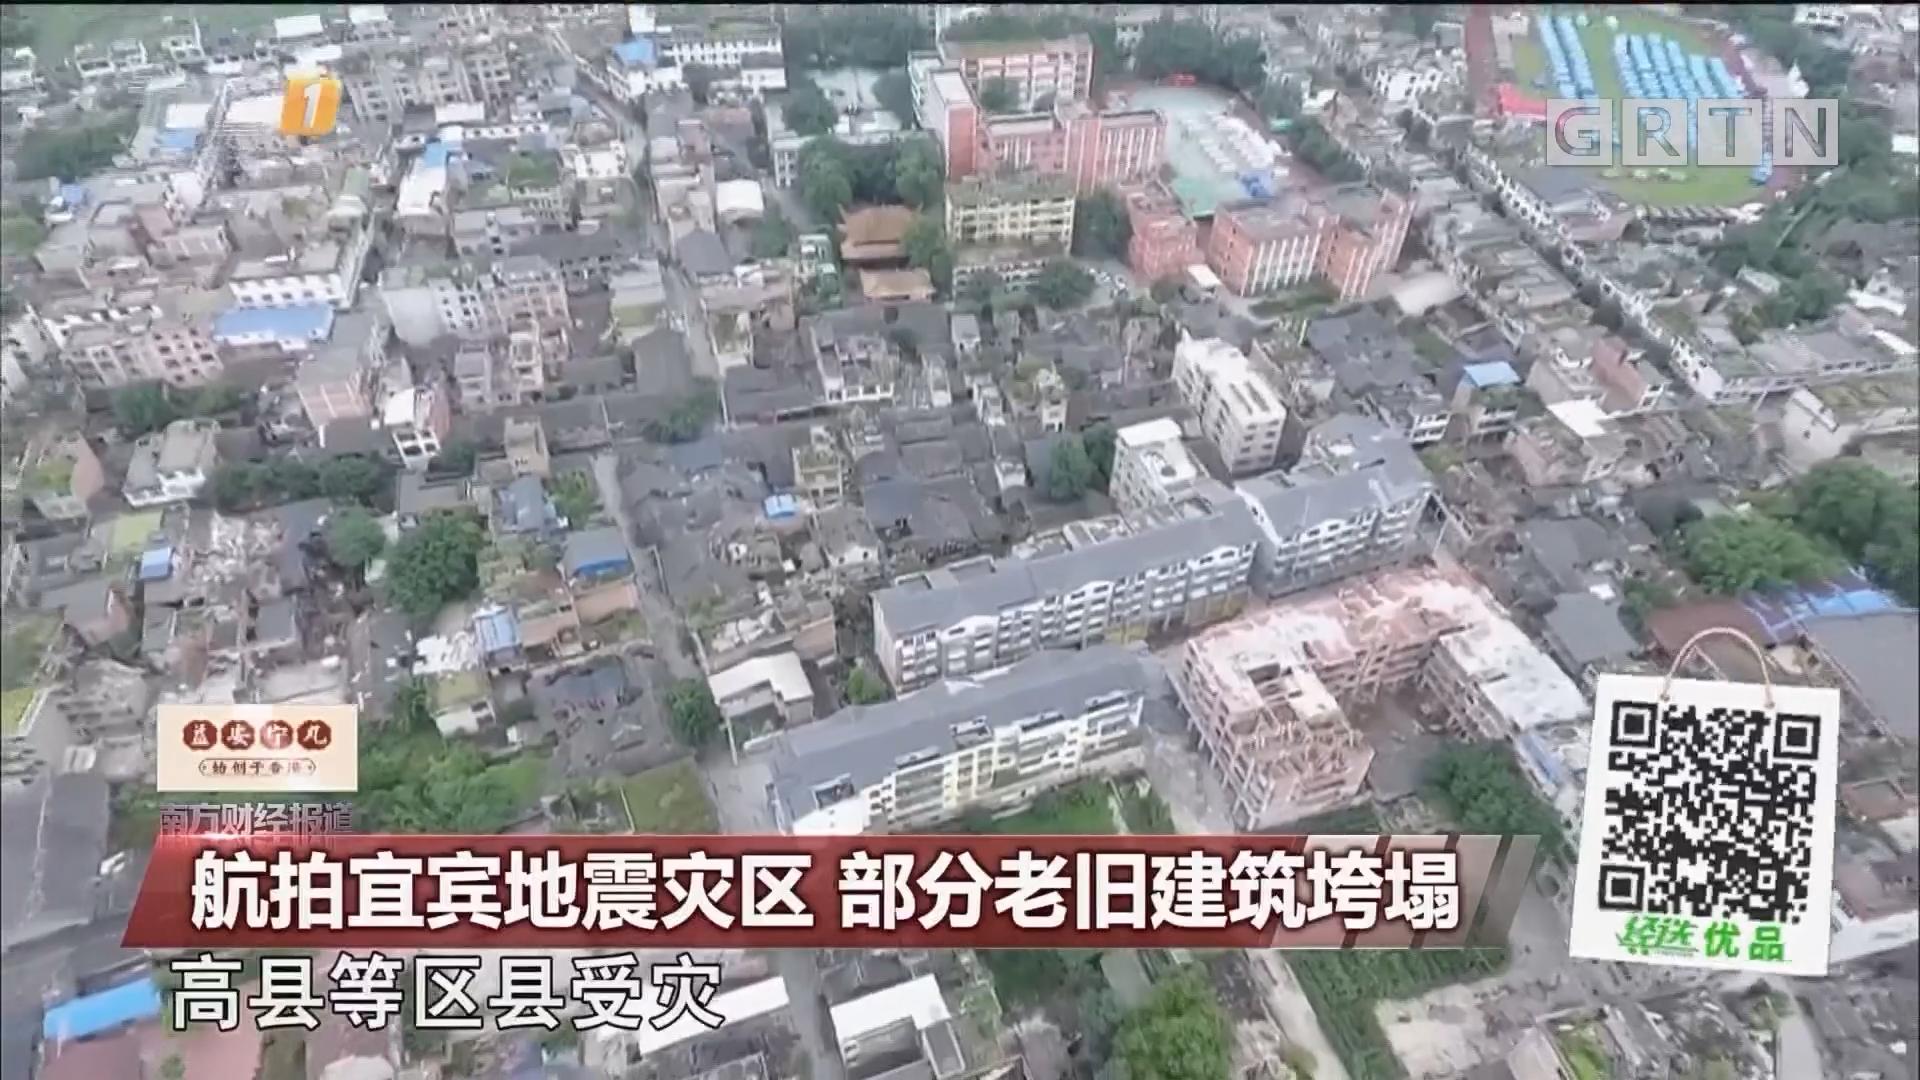 航拍宜宾地震灾区 部分老旧建筑垮塌